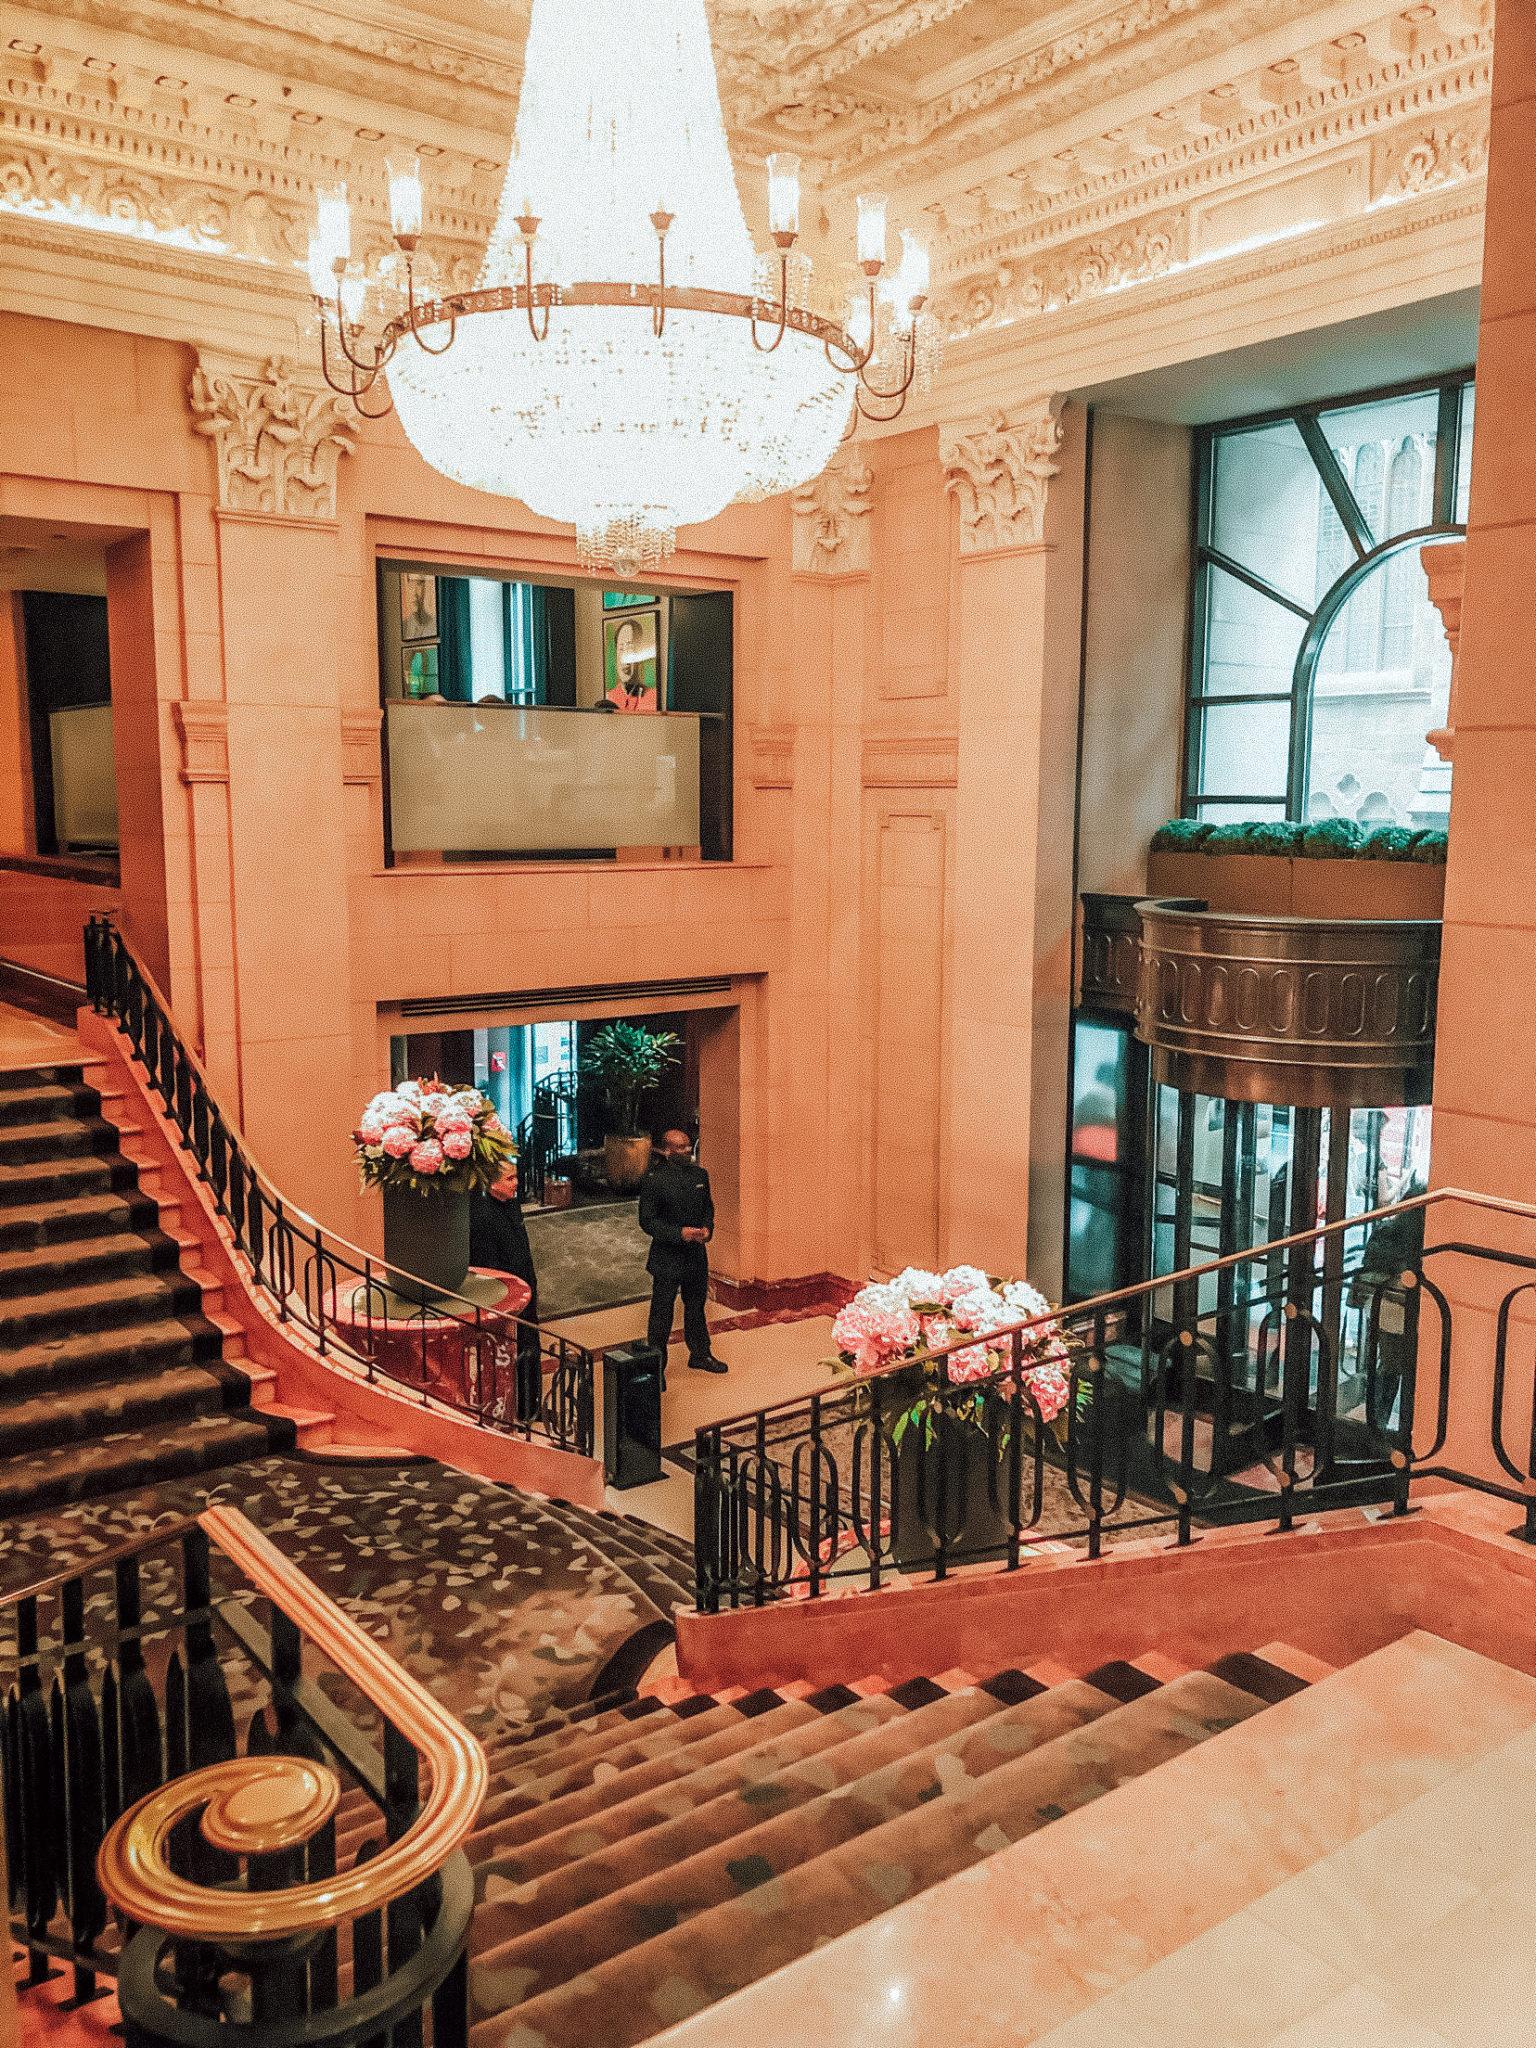 The Peninsula Hotel New York | WORLD OF WANDERLUST